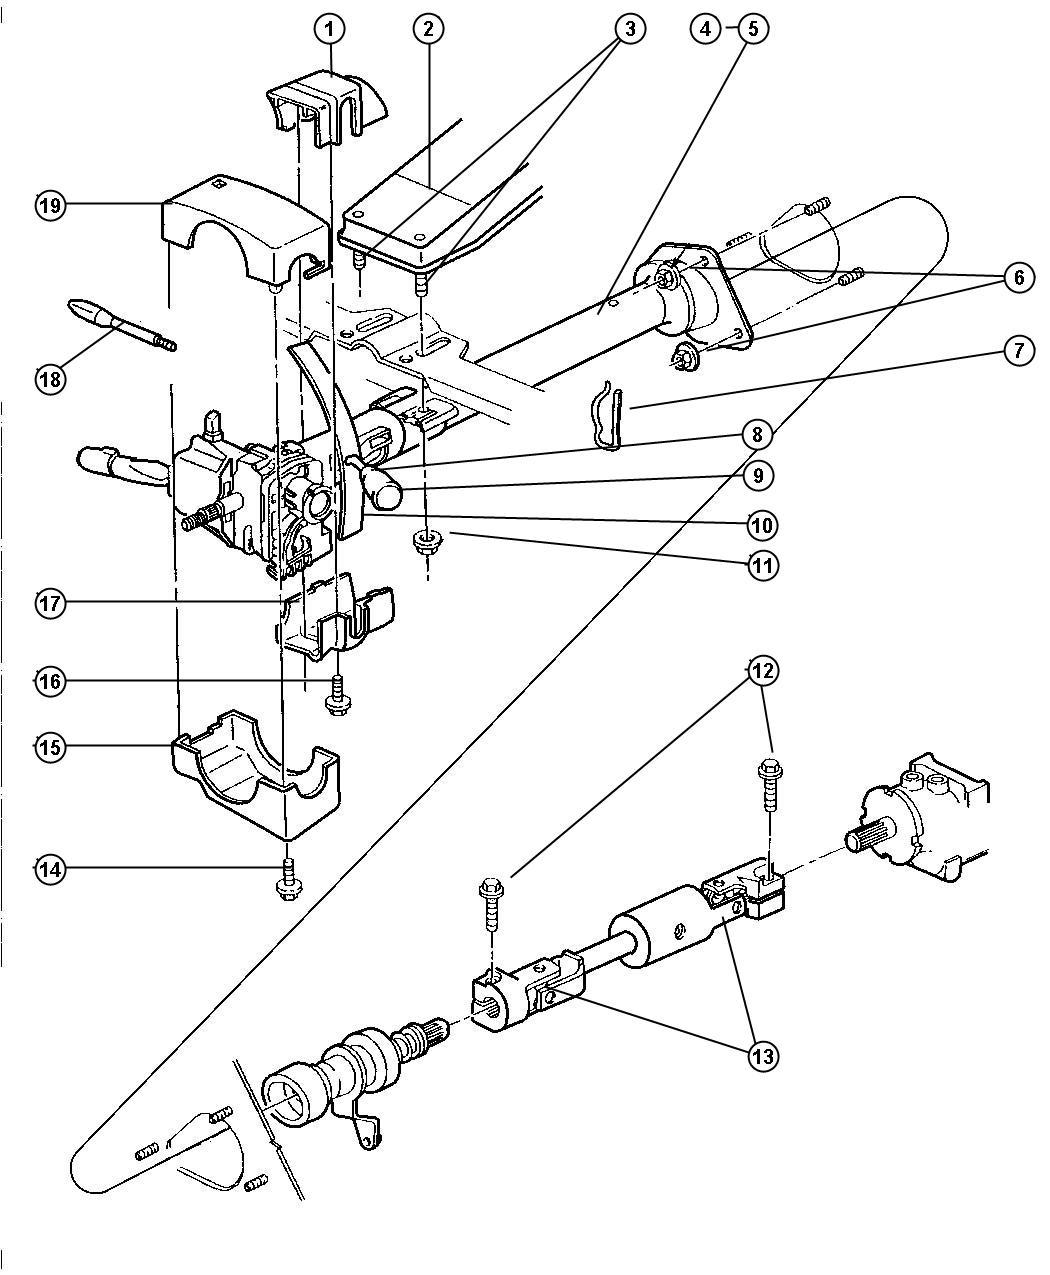 1999 Dodge Ram 1500 Quad Cab 6 5 Ft Box 5 9l Magnum V8 A  T